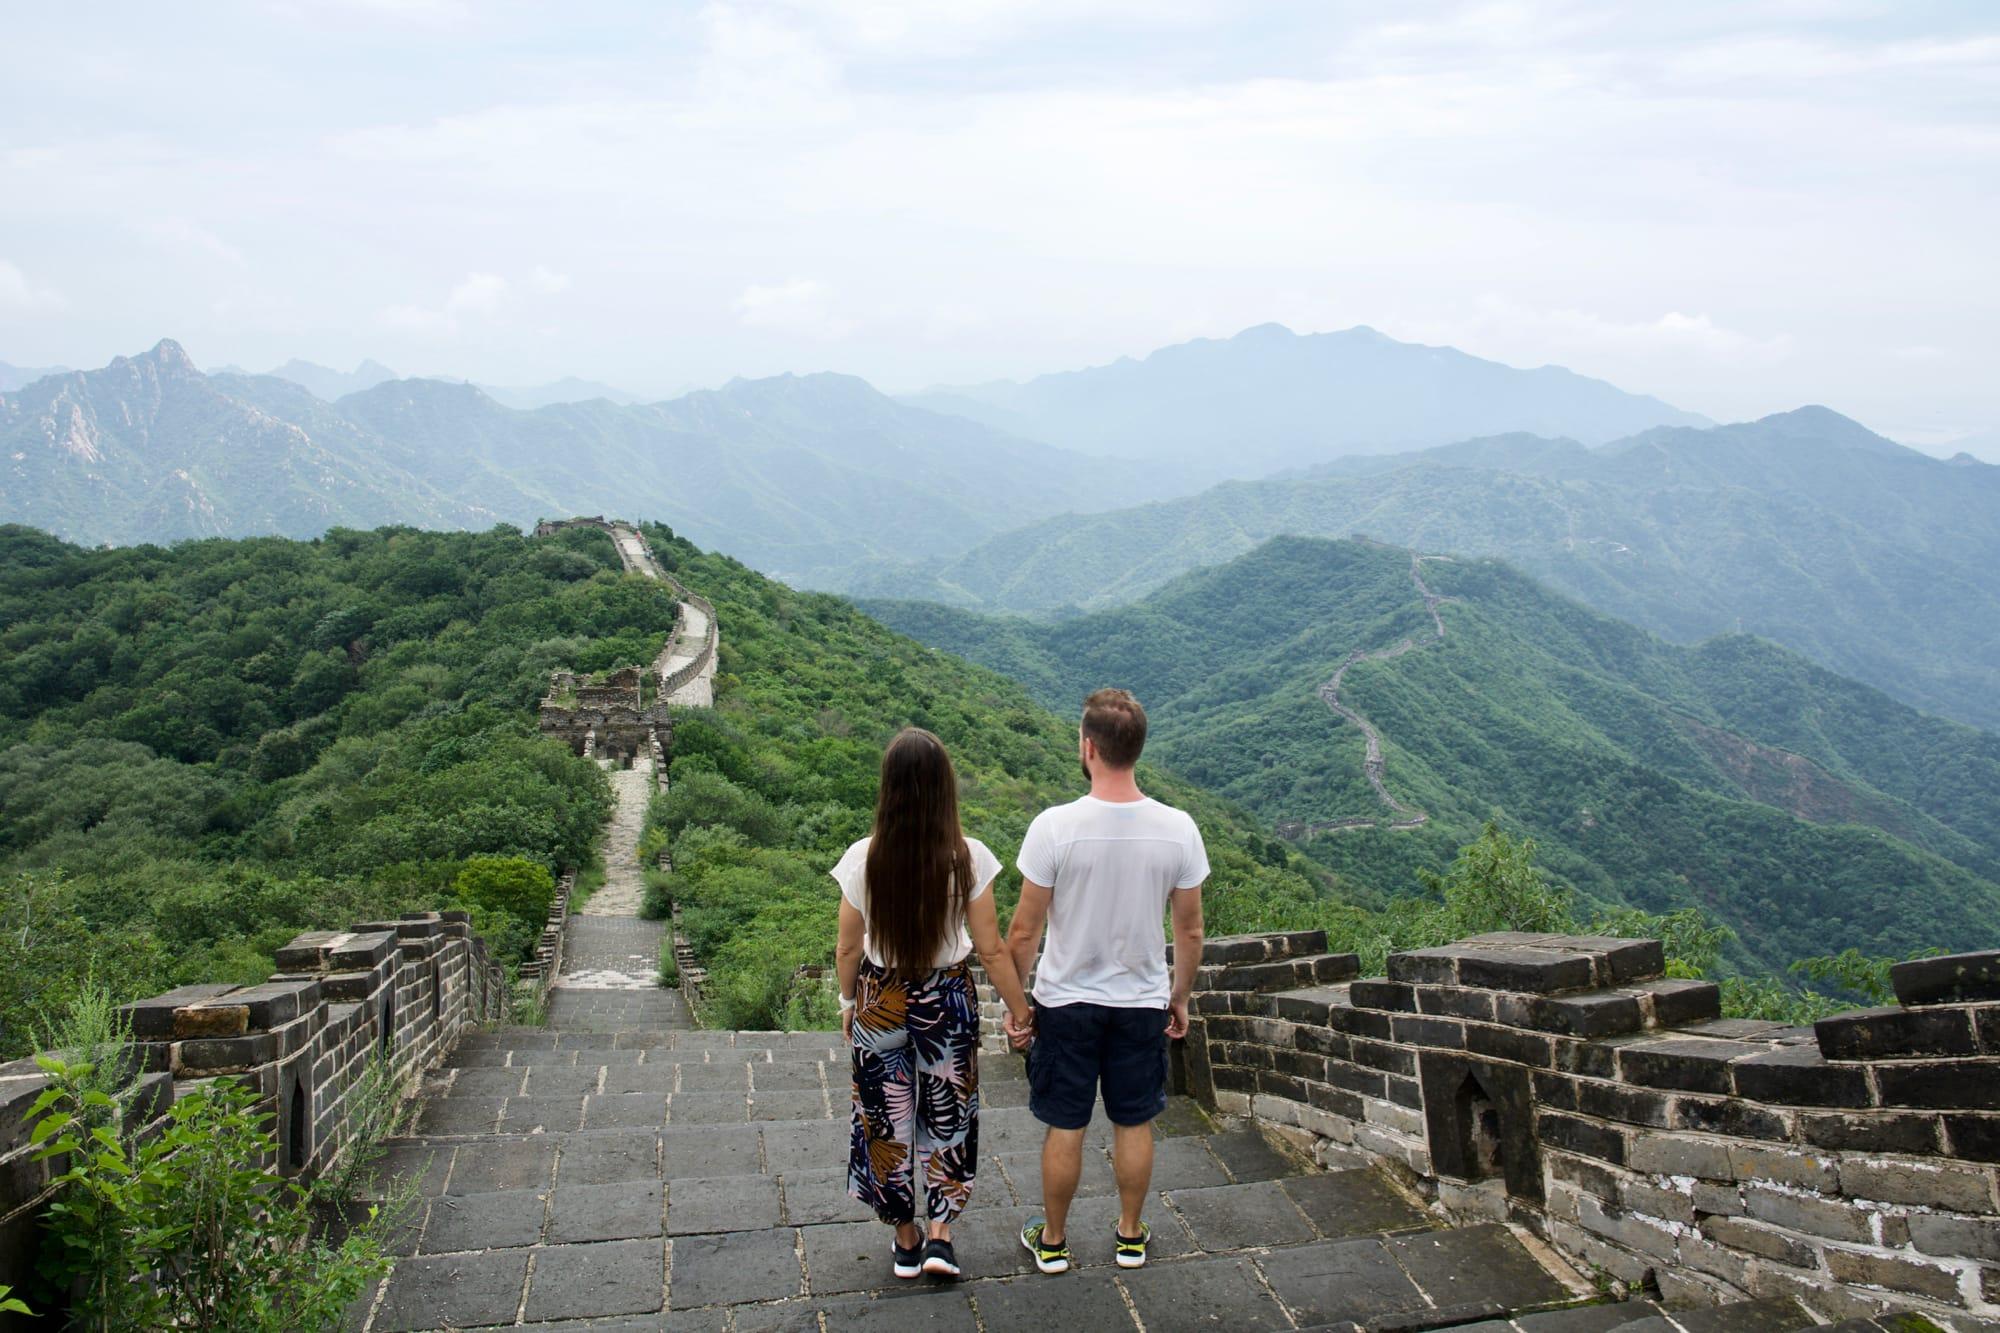 Cina, Tibet e Nepal: il nostro itinerario e i consigli prima di partire